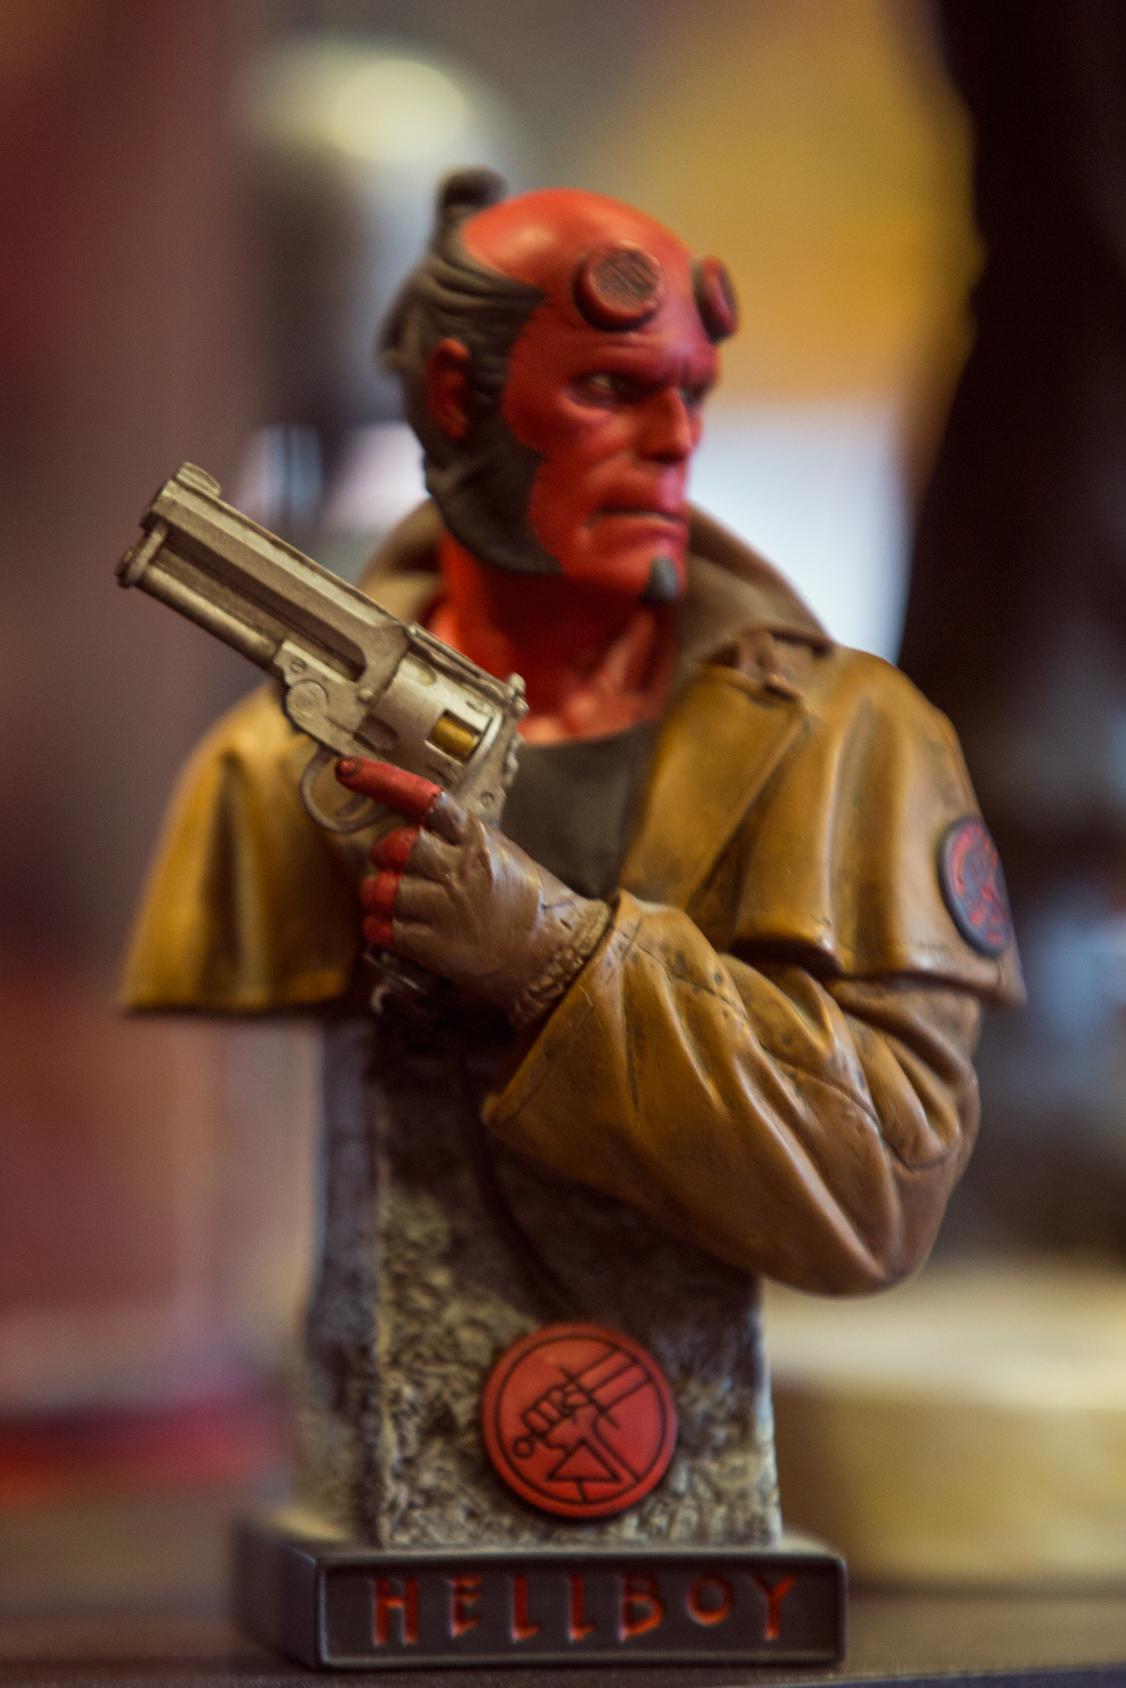 Ηellboy mini statue αριθμημένο. Το κατάστημα διαθέτει καινύριες και used φιγούρες από ταινίες, σειρές και comics